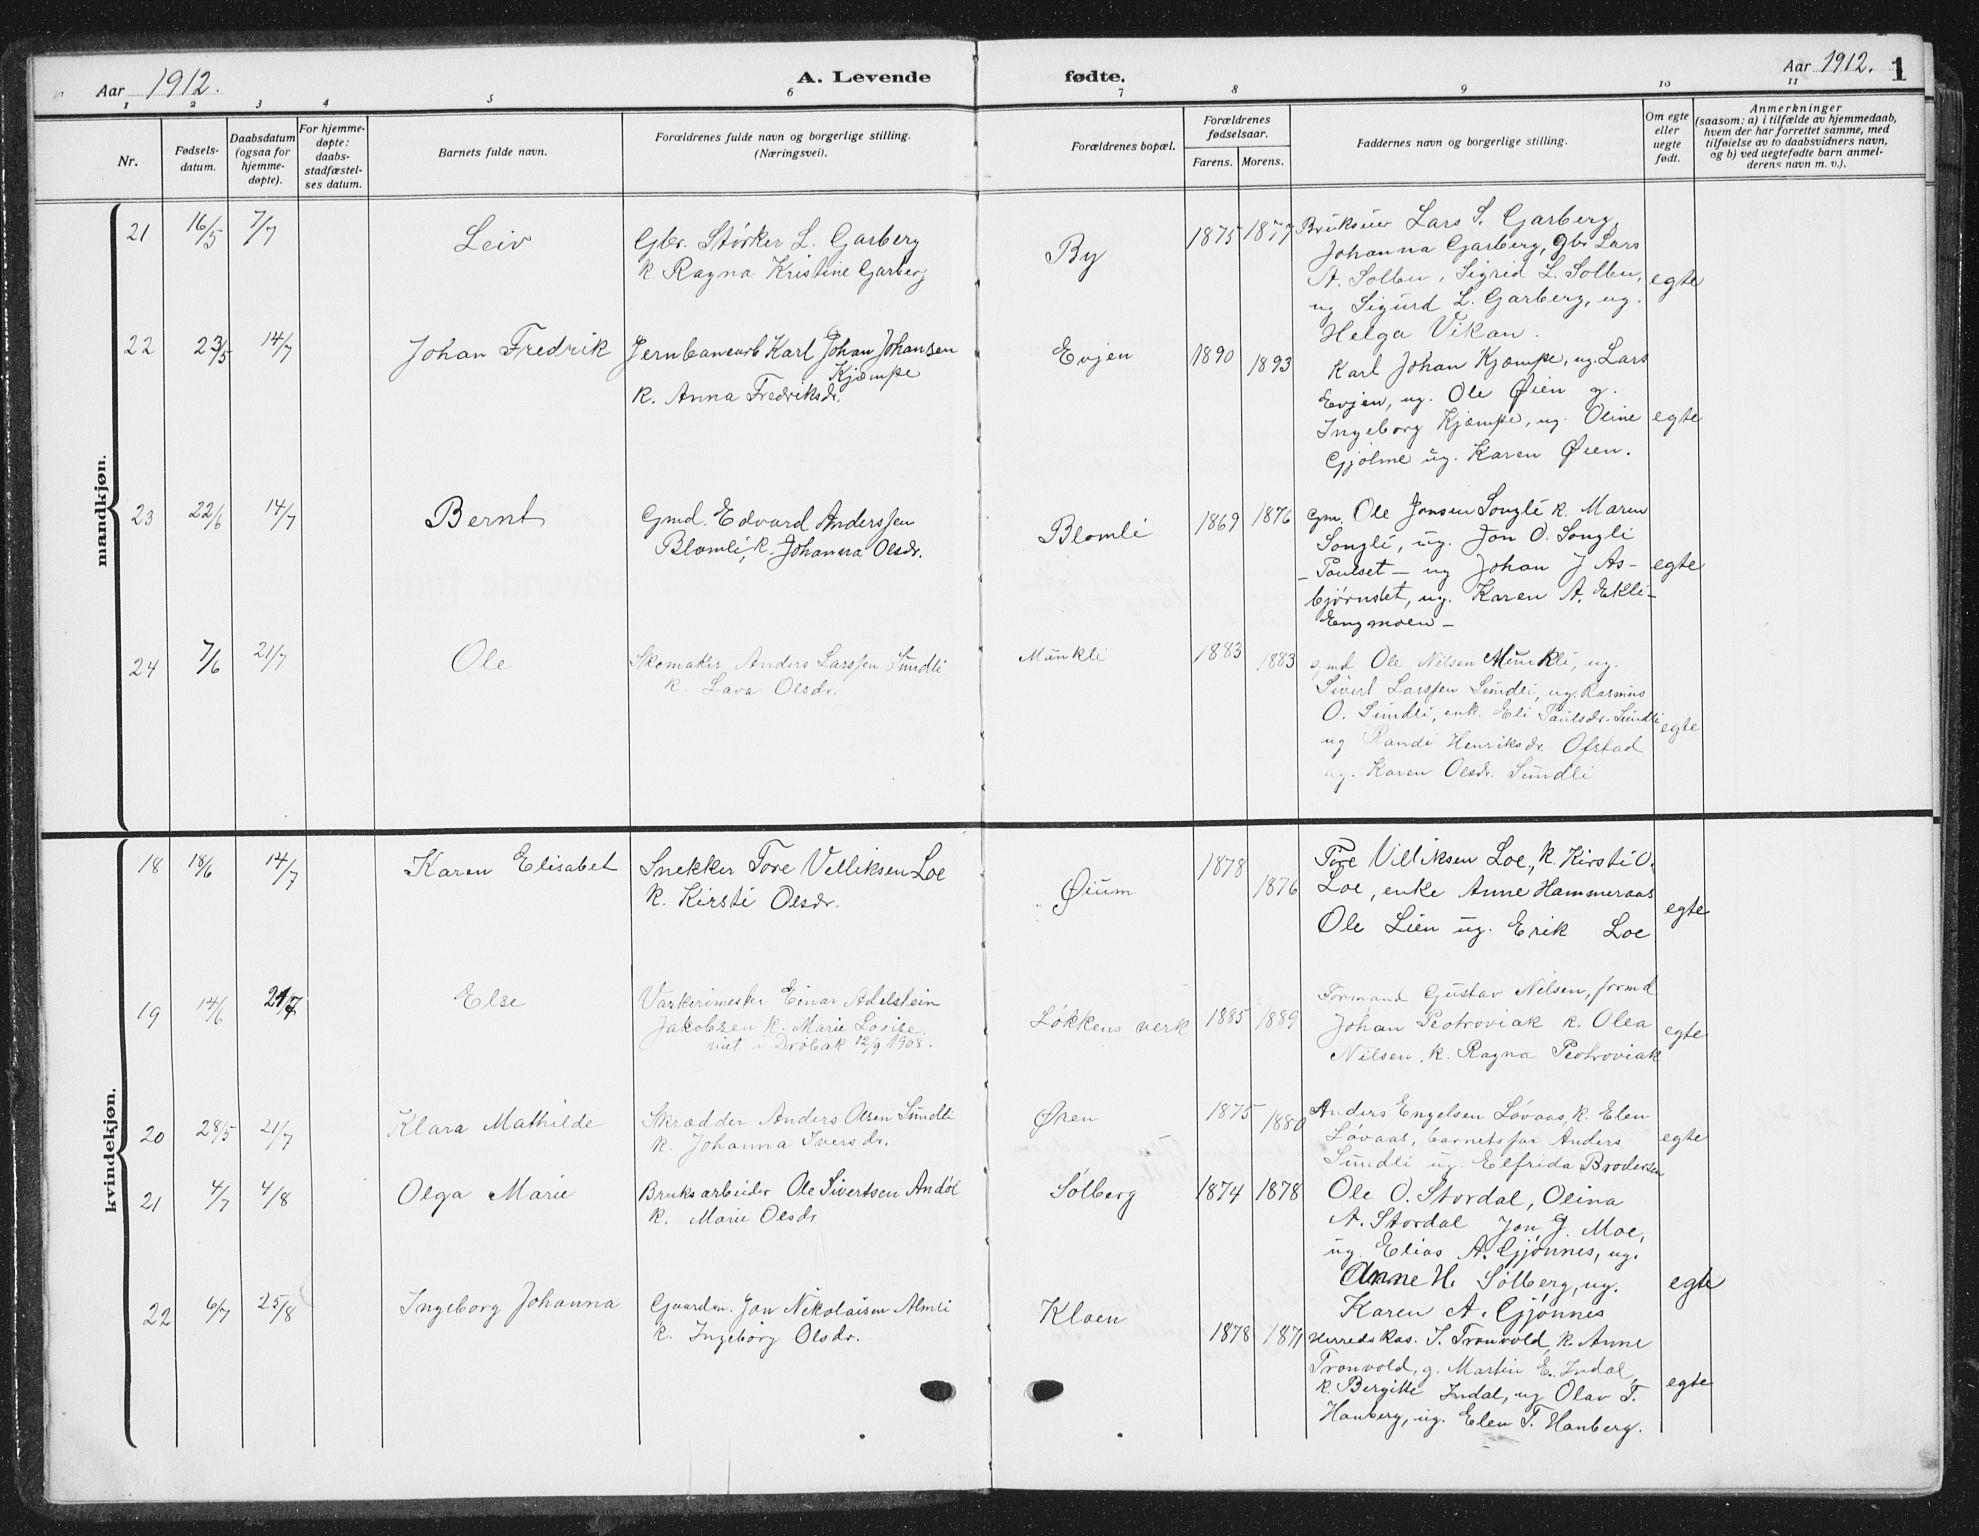 SAT, Ministerialprotokoller, klokkerbøker og fødselsregistre - Sør-Trøndelag, 668/L0820: Klokkerbok nr. 668C09, 1912-1936, s. 1